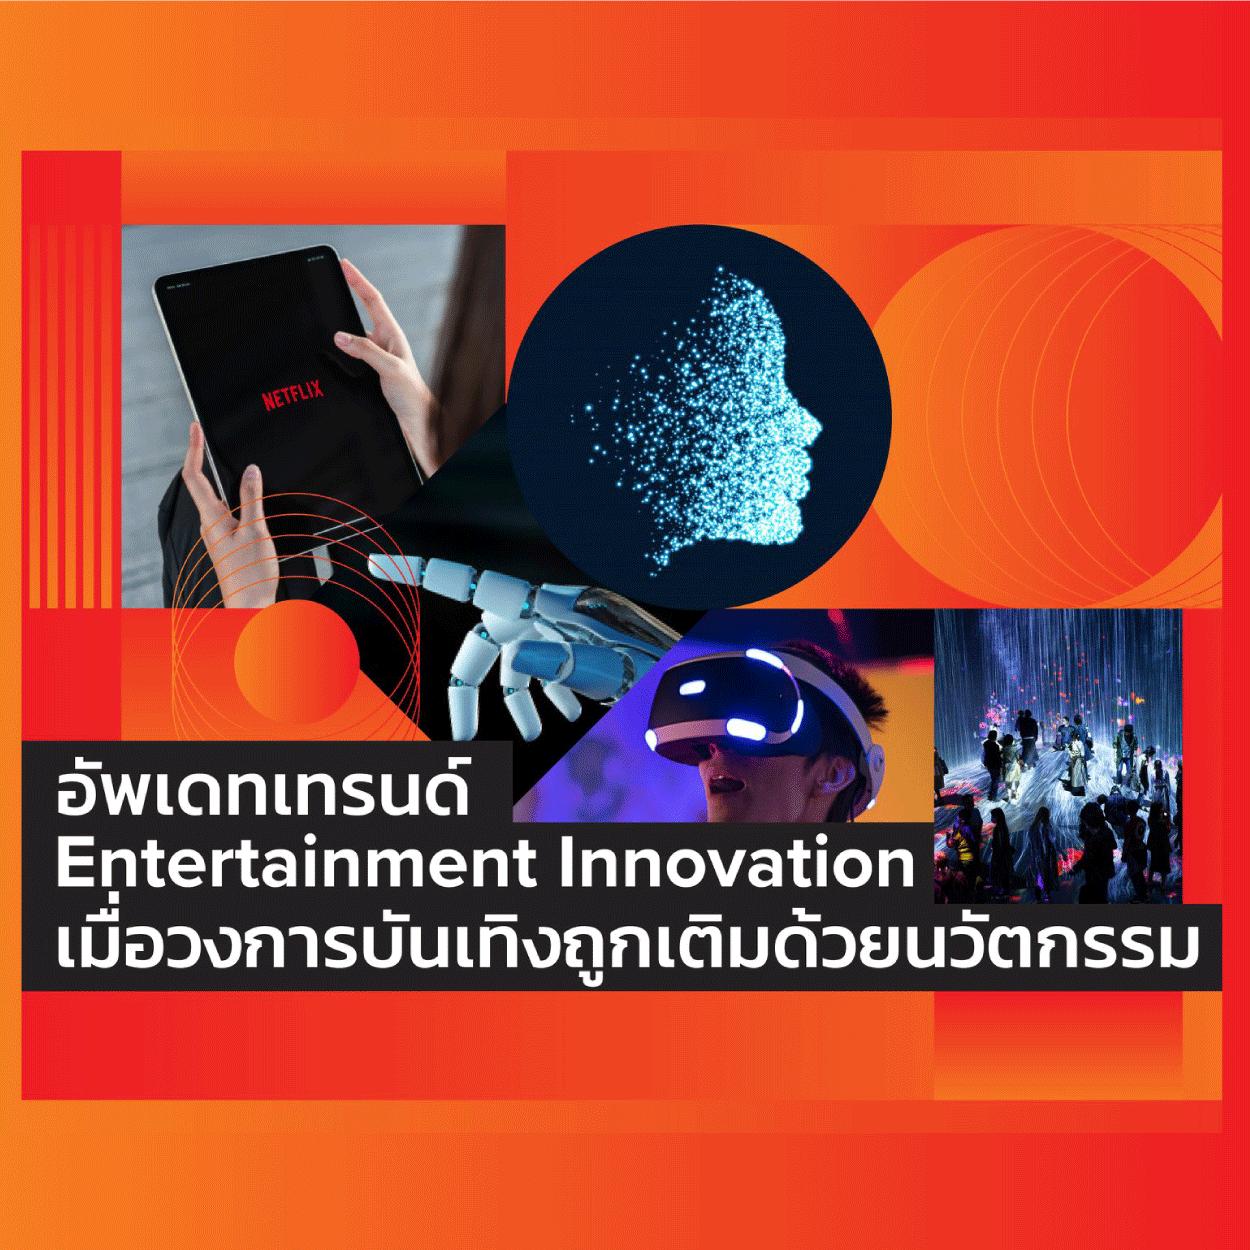 เทรนด์ 2020 เมื่อวงการบันเทิงถูกเติมเต็มด้วยนวัตกรรม